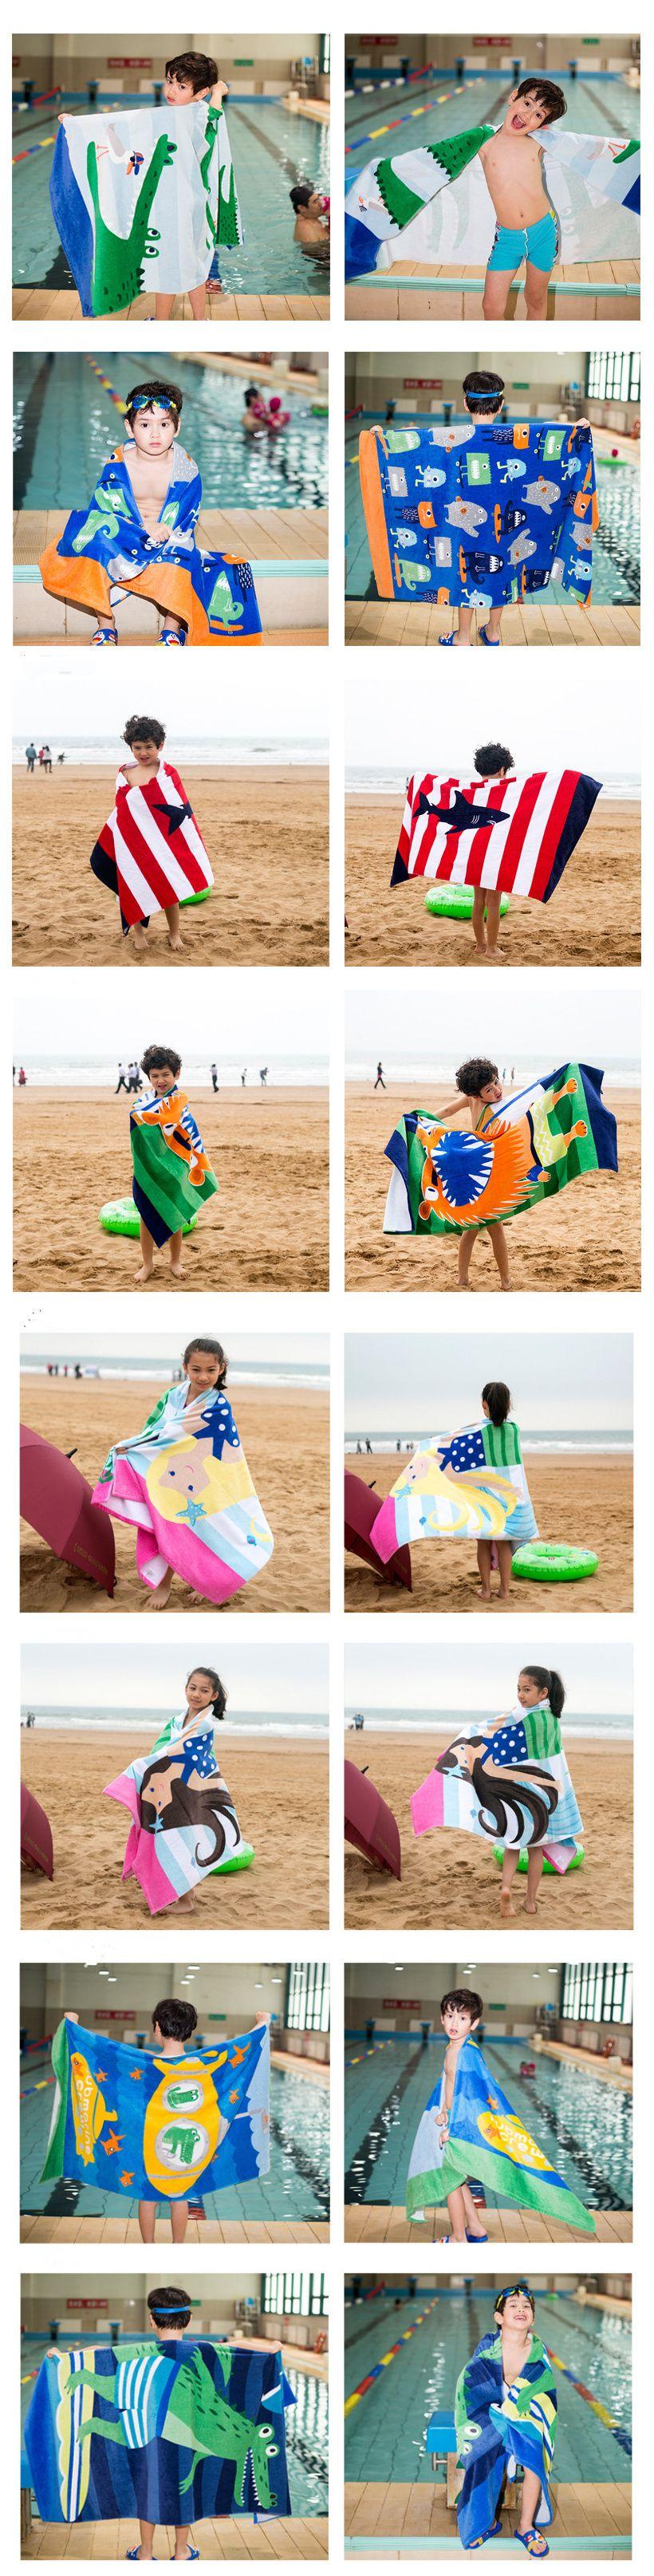 160 * 80 СМ Пляжное полотенце письмо животных дизайн из микрофибры плавательный одеяло женские плавки печать взрослых Дети хлопок на открытом воздухе банное полотенце LC878